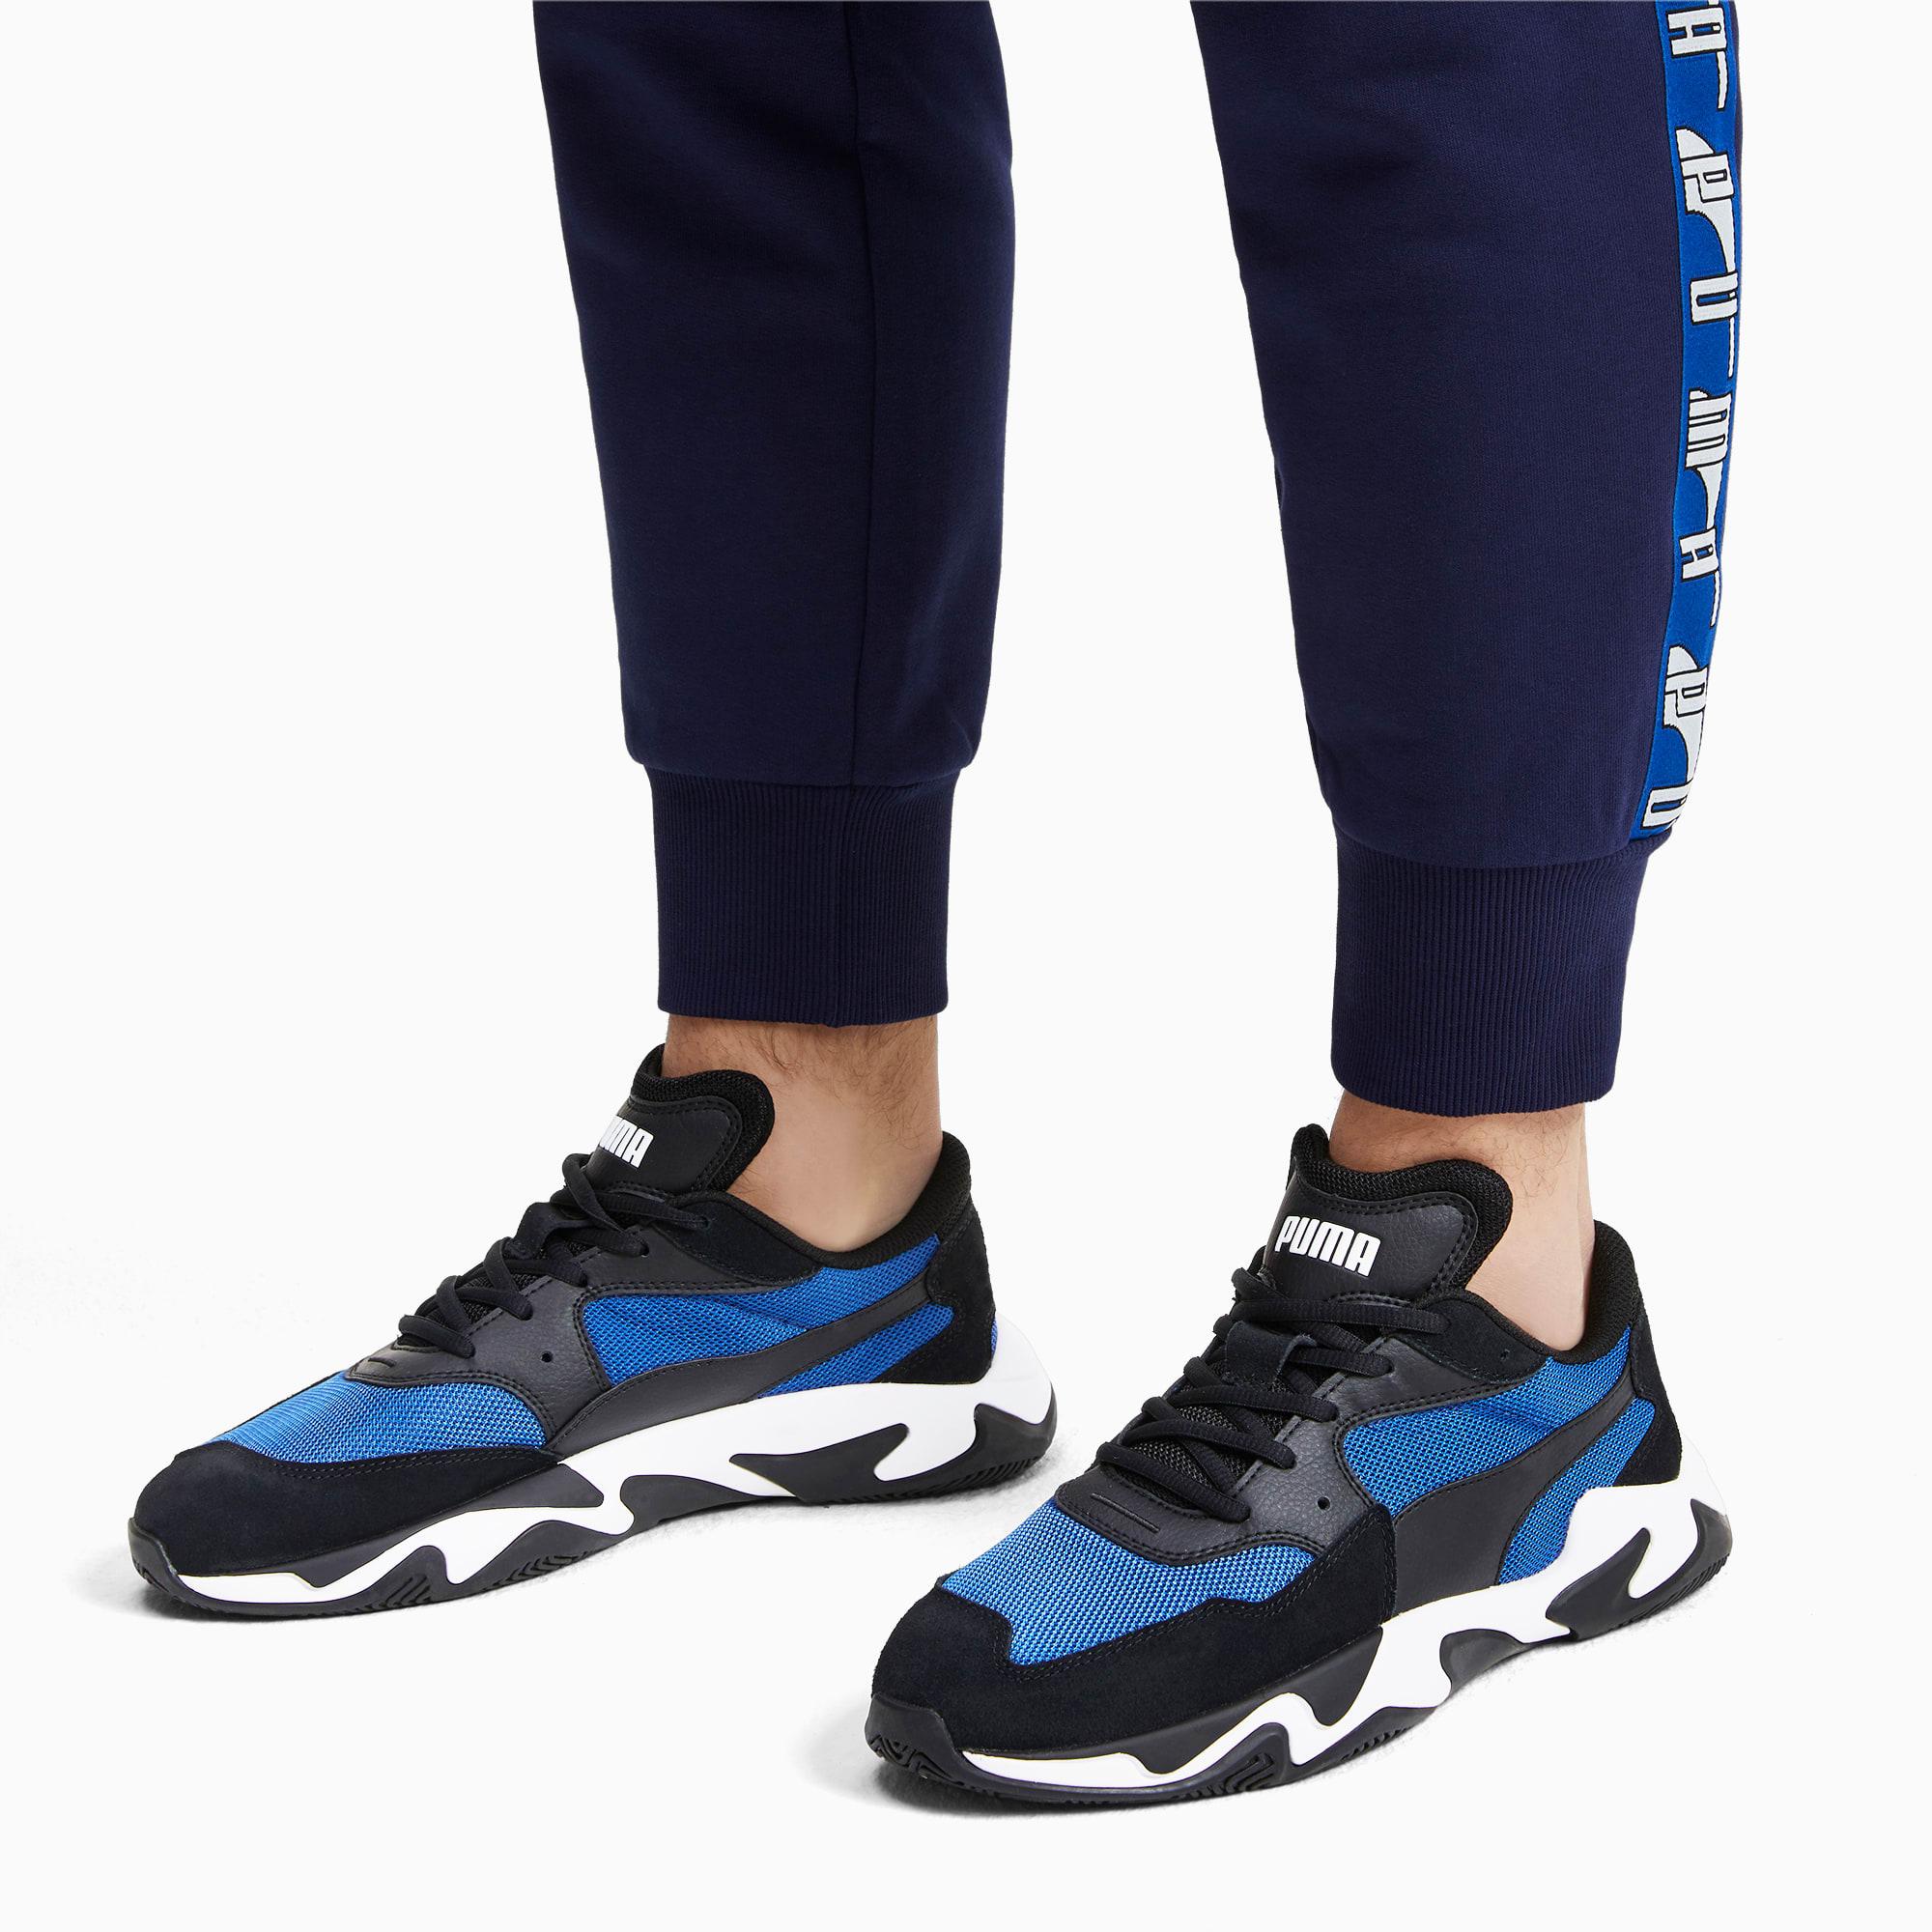 Storm Adrenaline Sneakers